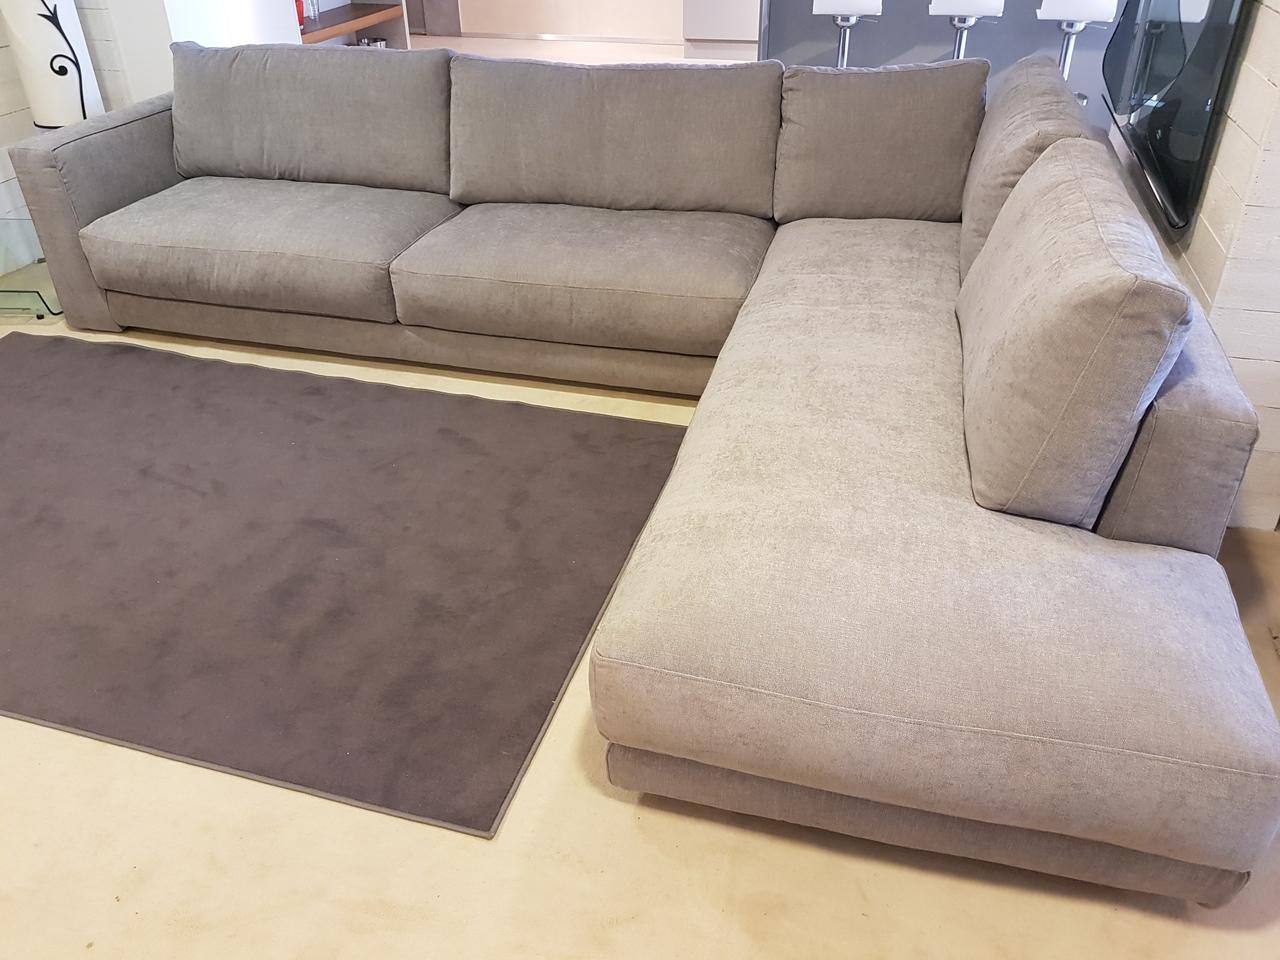 Divano bodema barclay scontato del 49 divani a prezzi for Outlet del divano